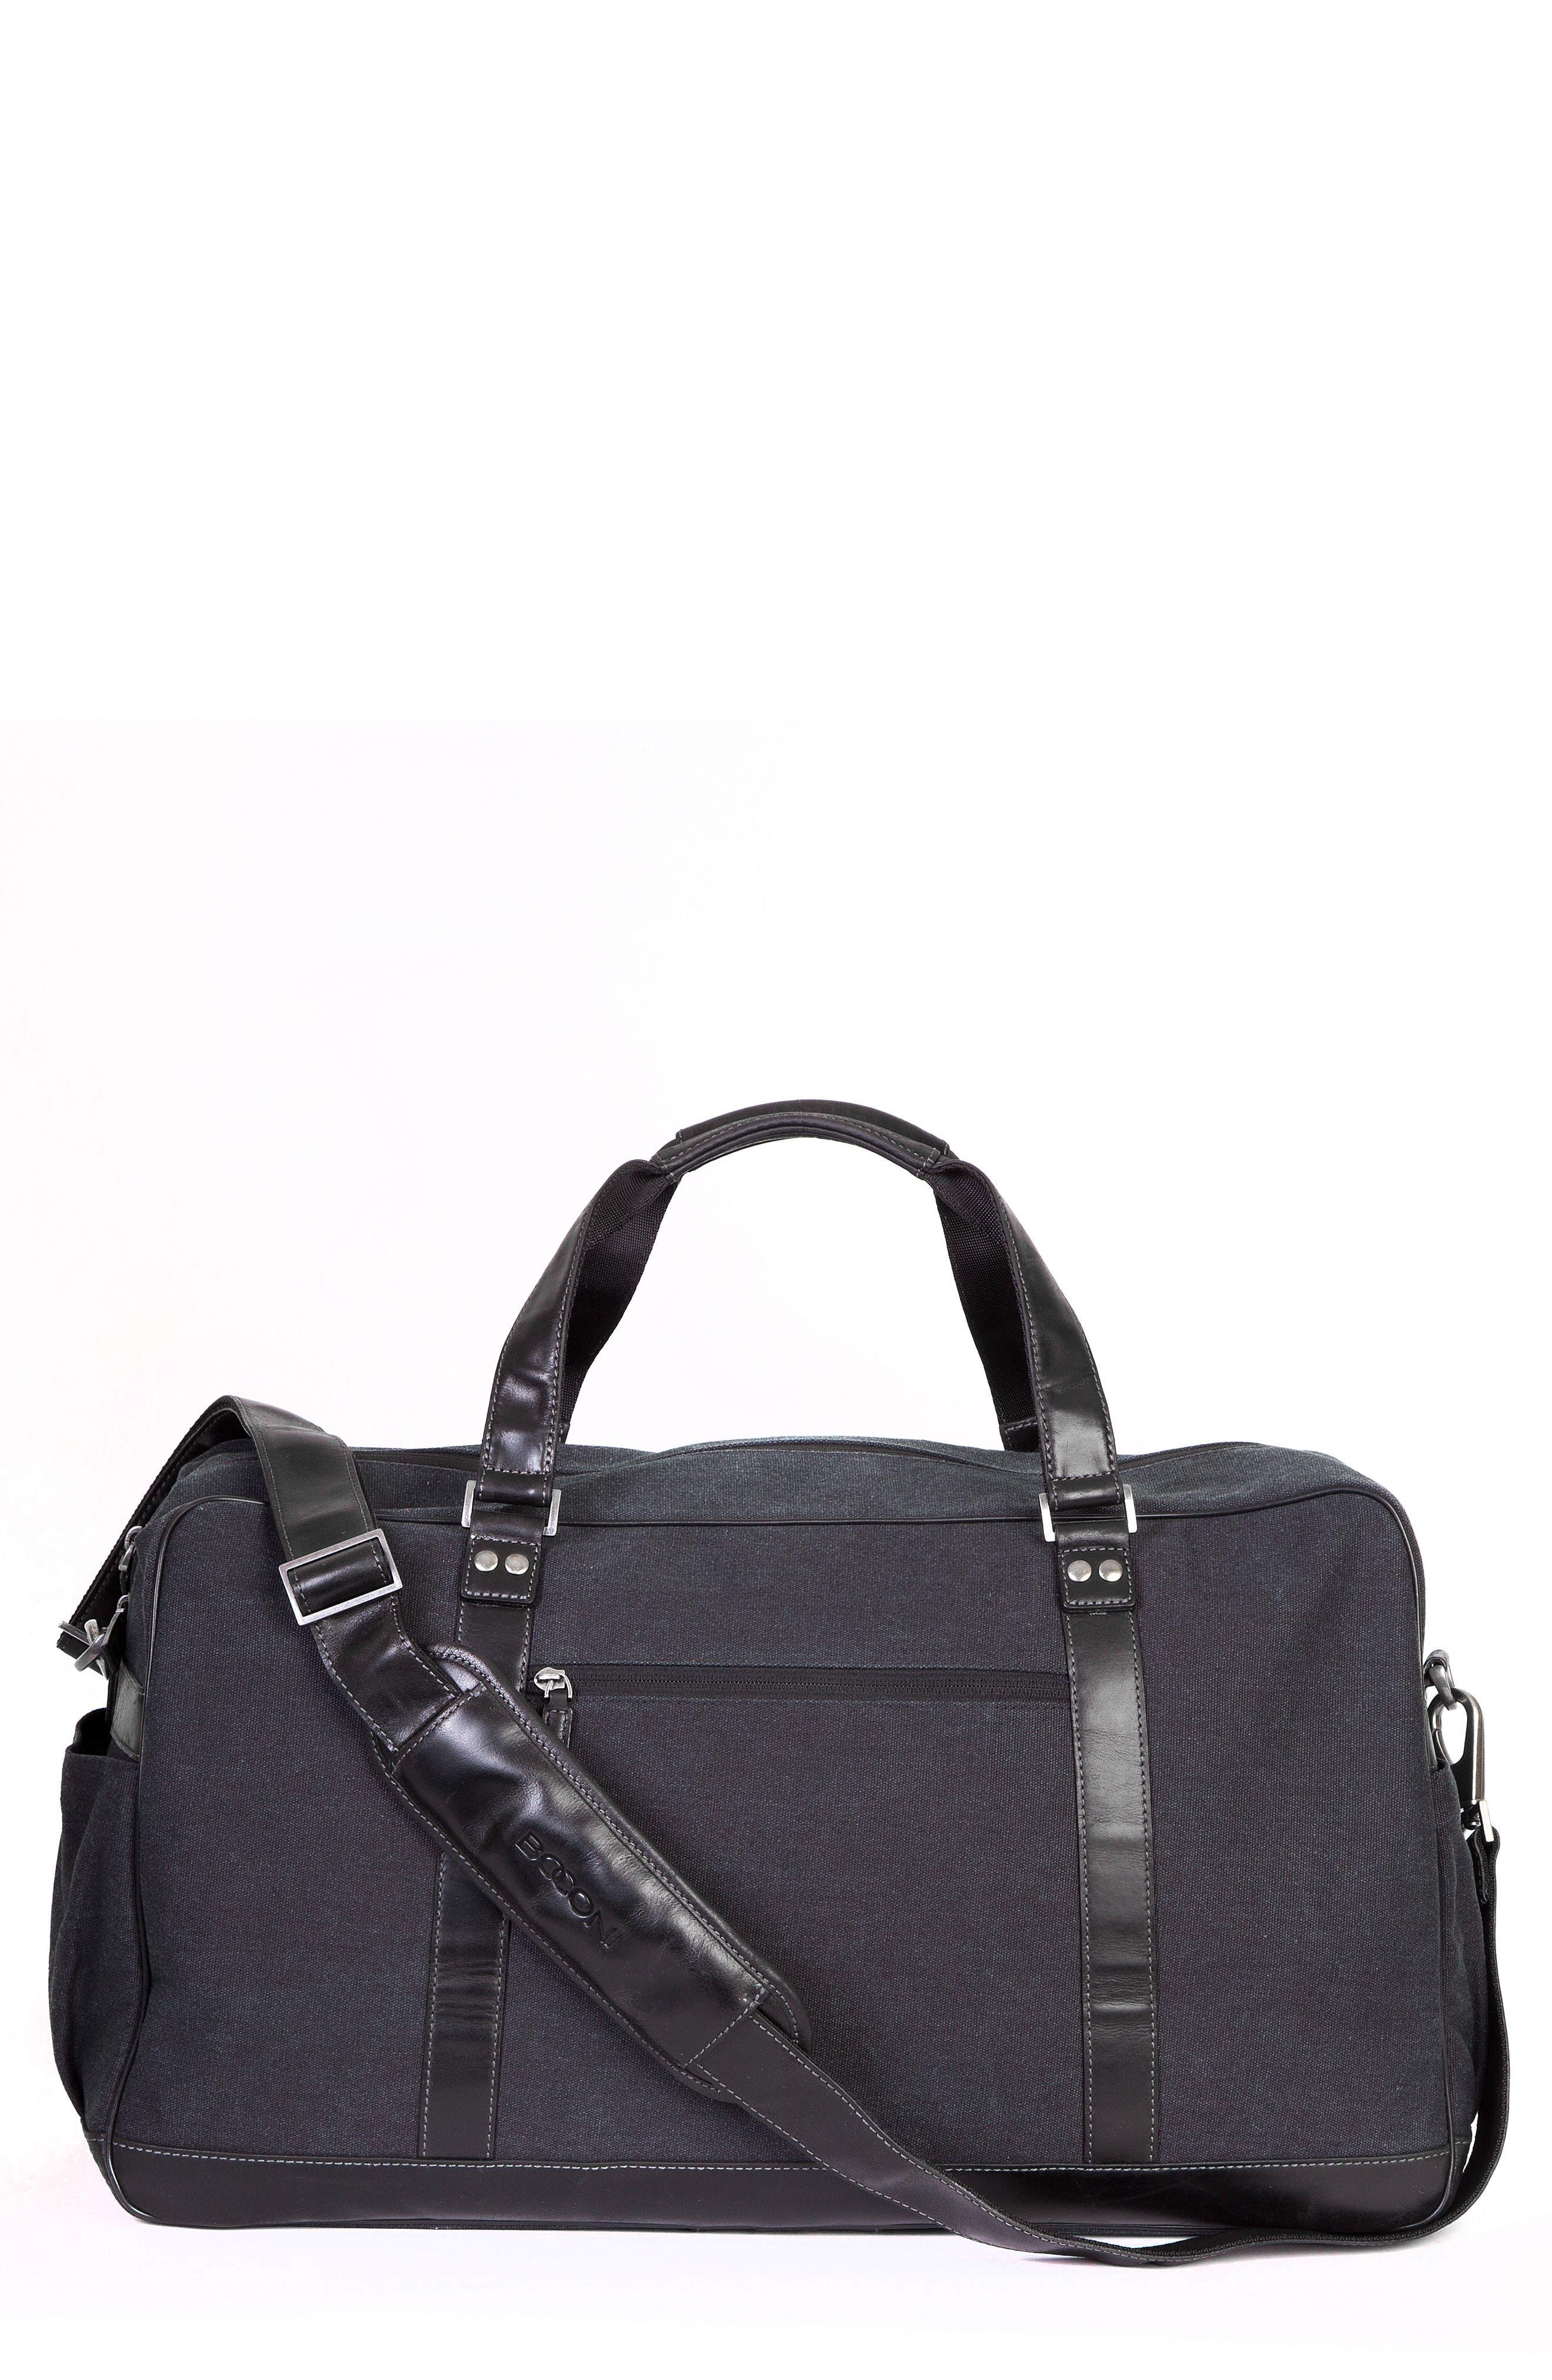 Bryant LTE Getaway Duffel Bag,                             Main thumbnail 1, color,